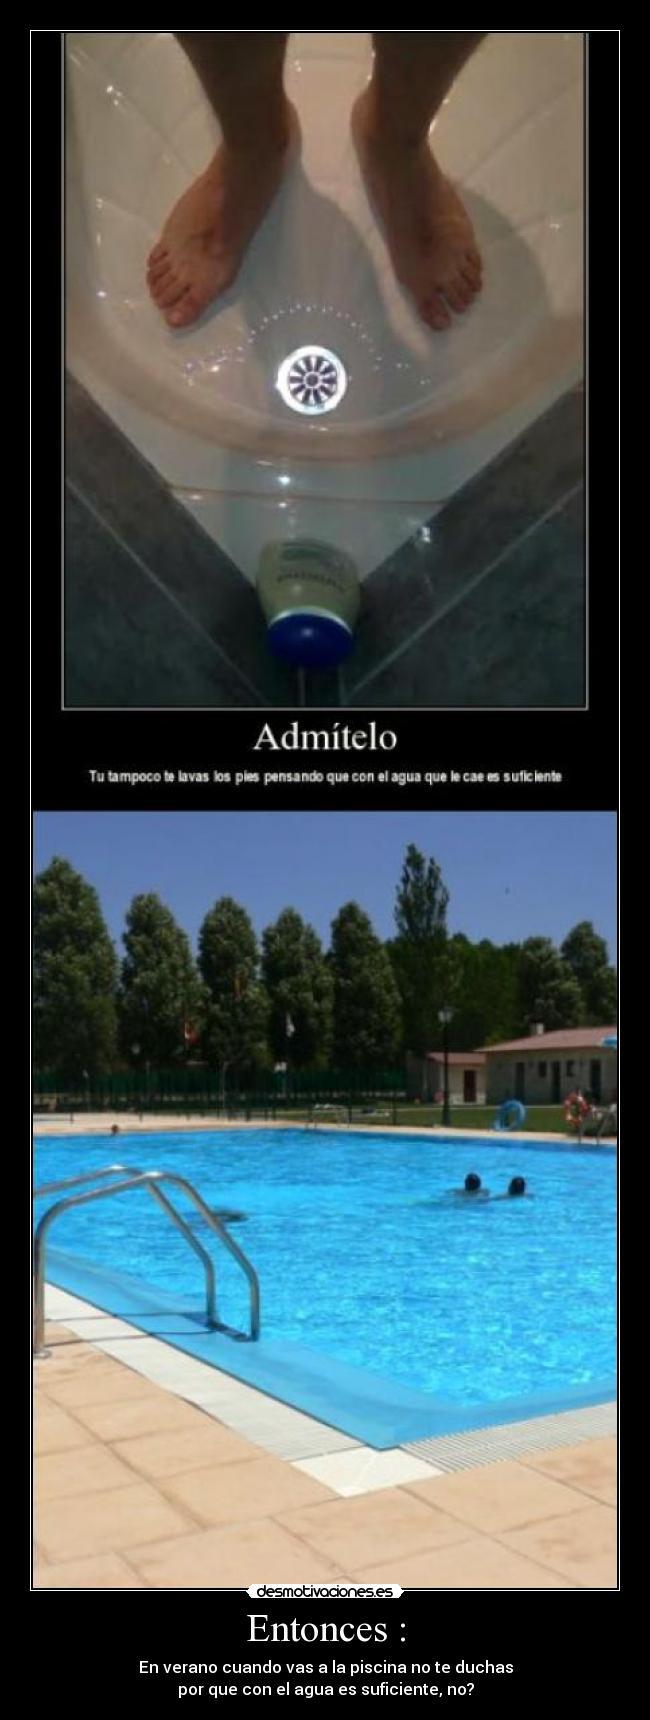 Usuario pepito desmotivaciones for Pepito piscina